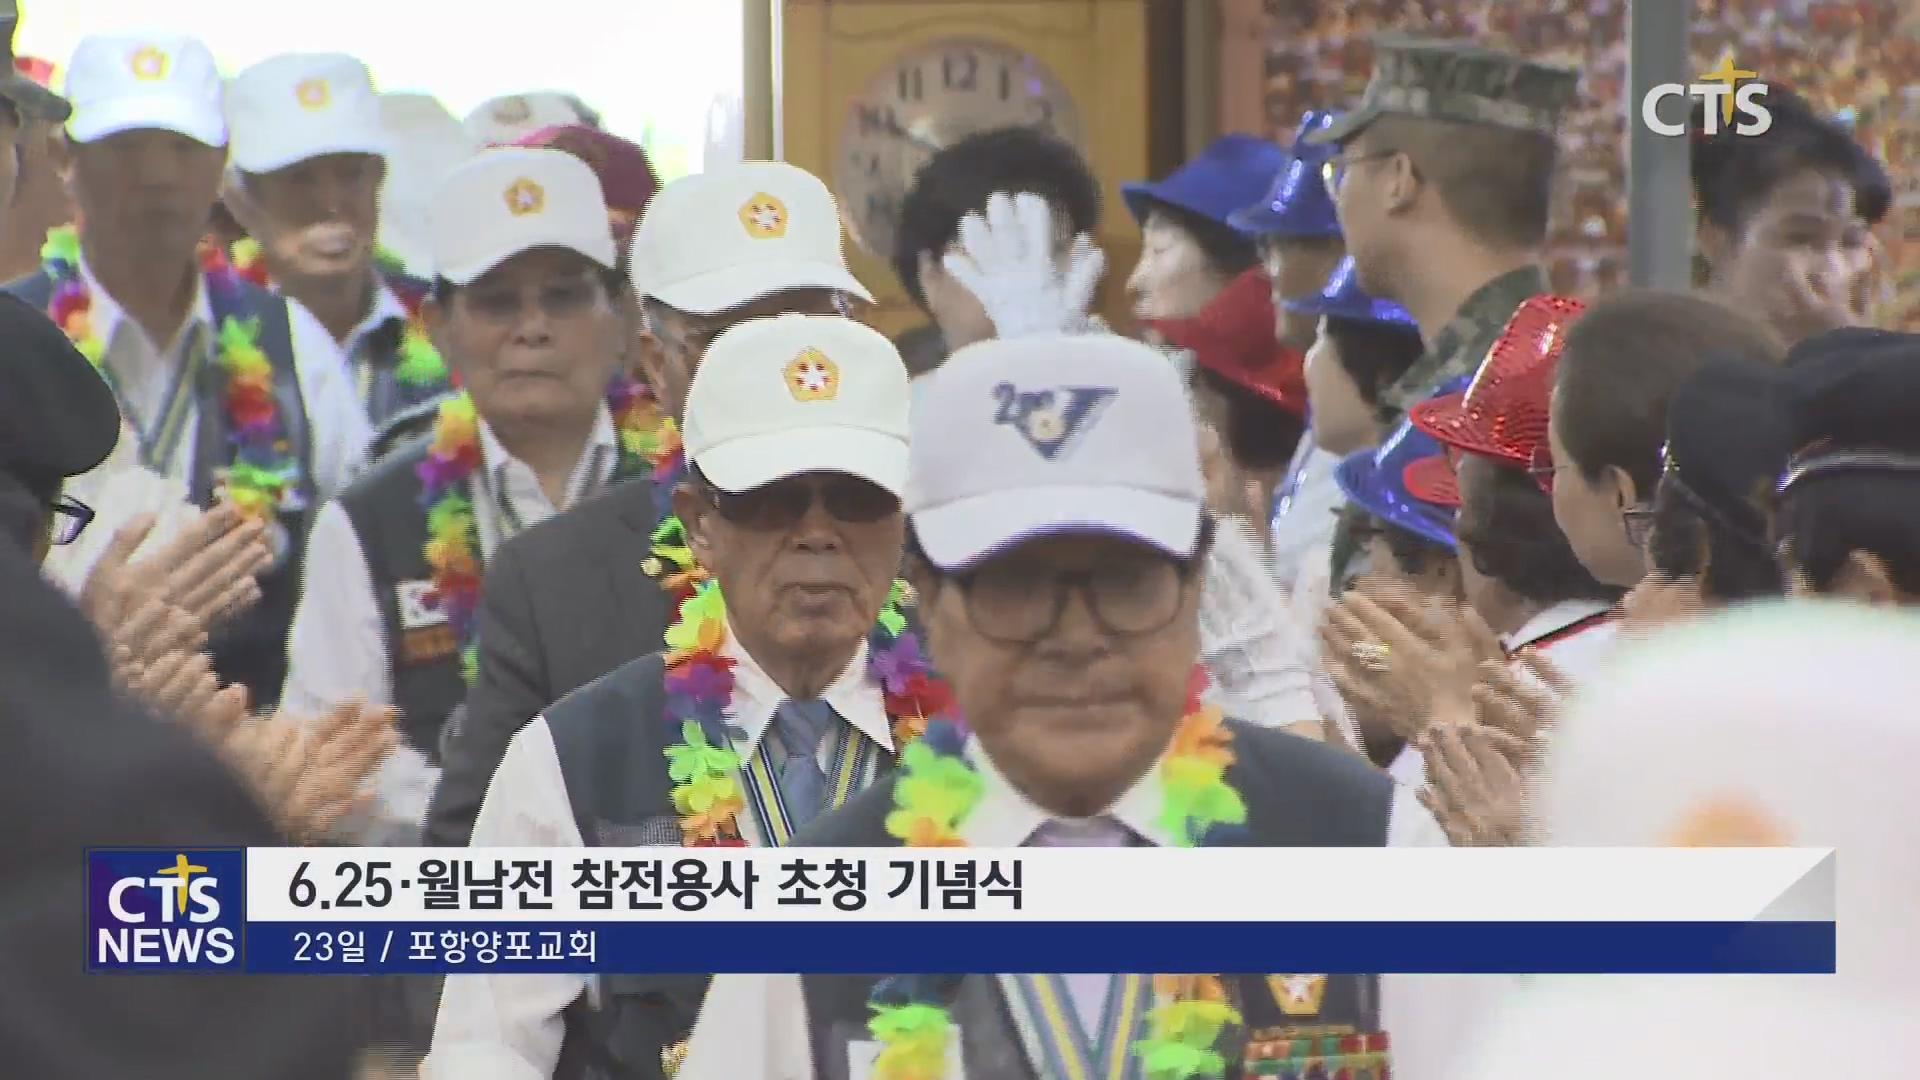 포항양포교회 창립 73주년 기념 6.25 및 월남전 참전용사 초청기념식